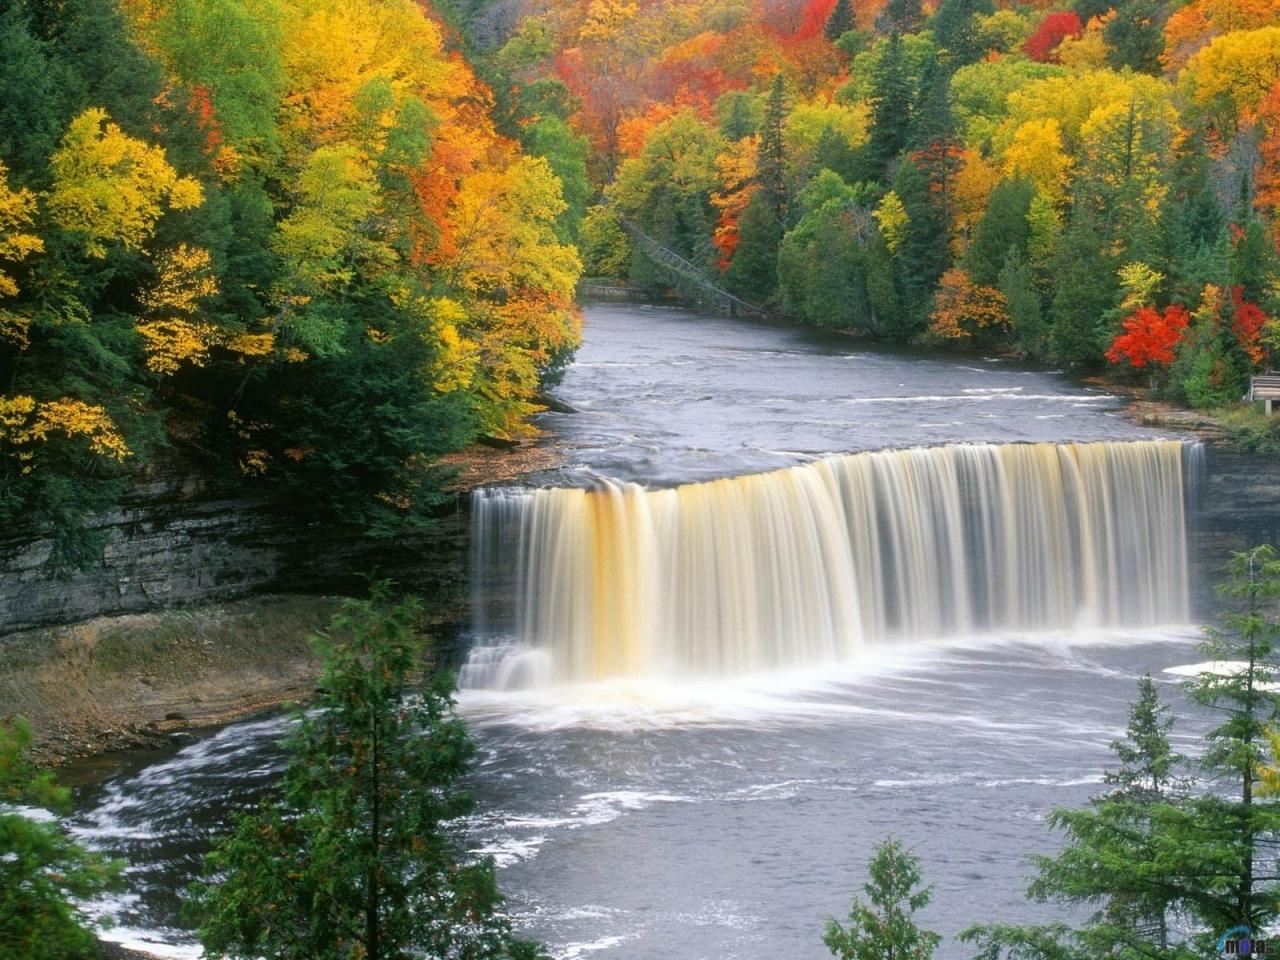 23585 скачать обои Пейзаж, Река, Деревья, Осень, Водопады - заставки и картинки бесплатно